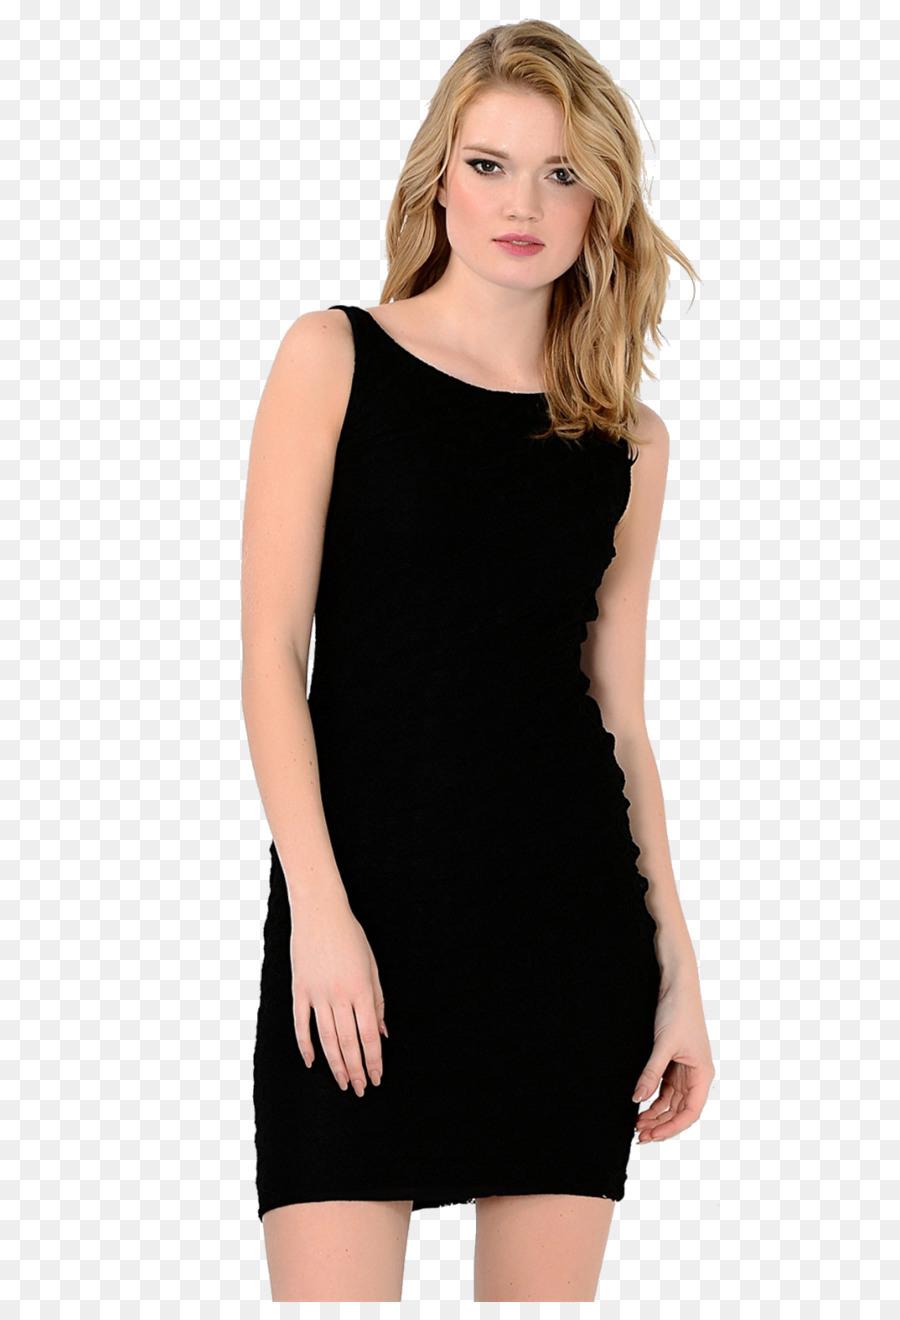 15 Luxurius Kleines Schwarzes Kleid Cocktailkleid Abend Ärmel Kreativ Kleines Schwarzes Kleid Cocktailkleid Abend Spezialgebiet